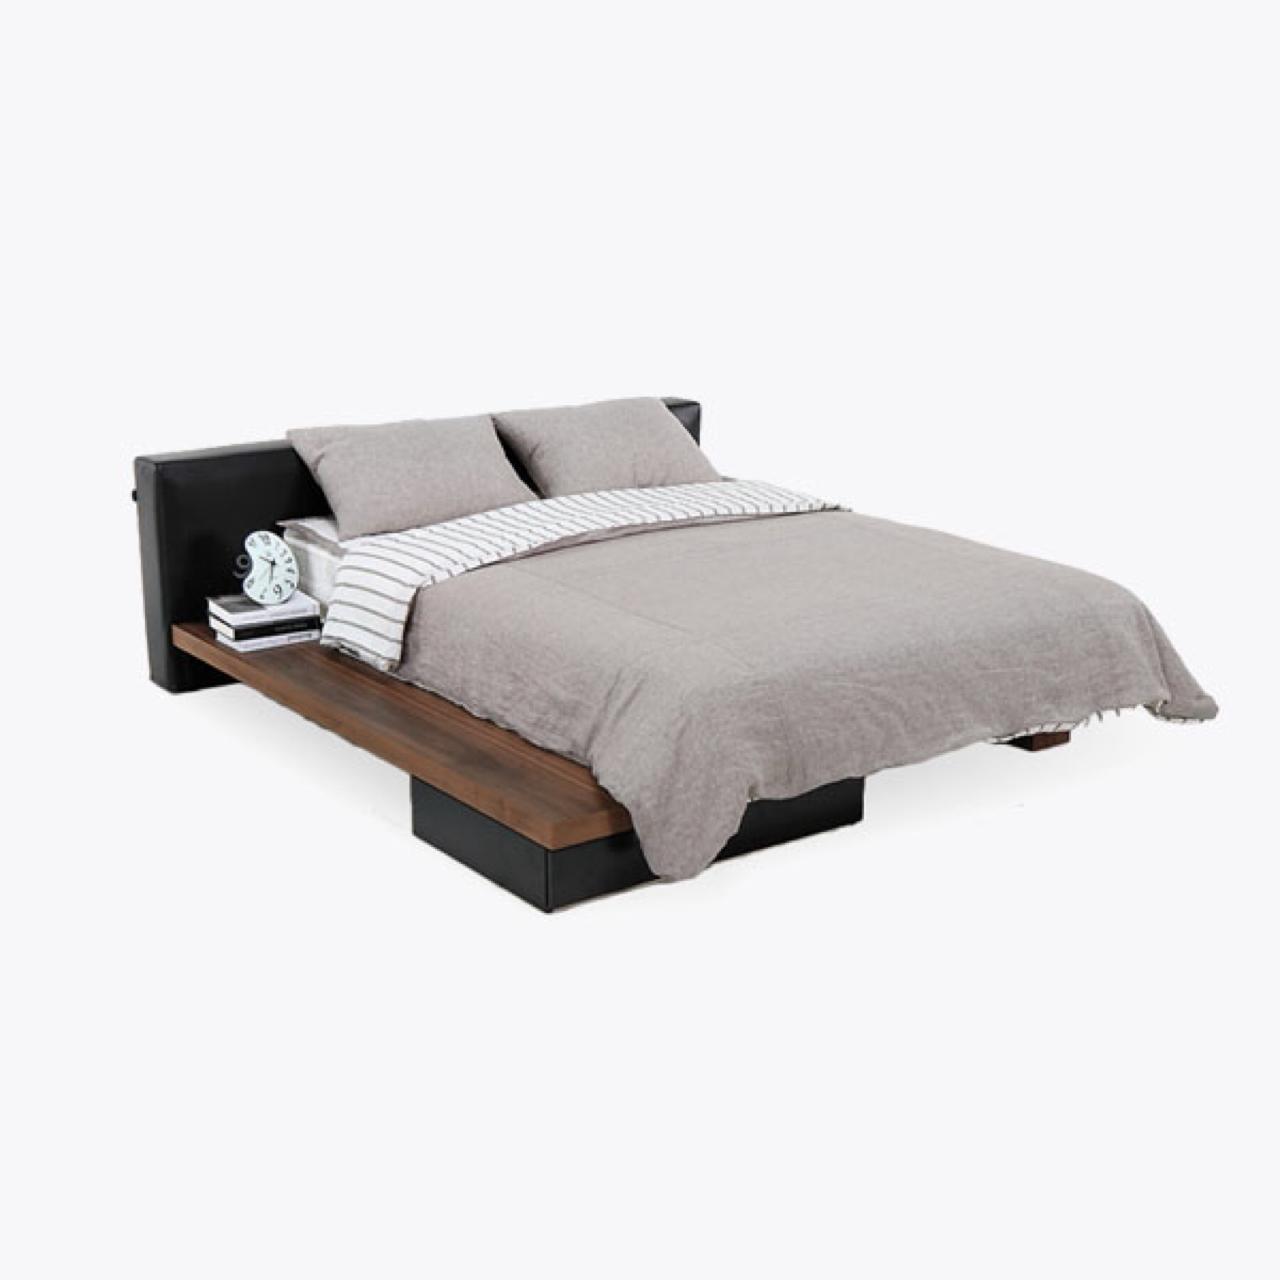 체리쉬 라포레 침대 프레임(도민준 침대)판매합니다